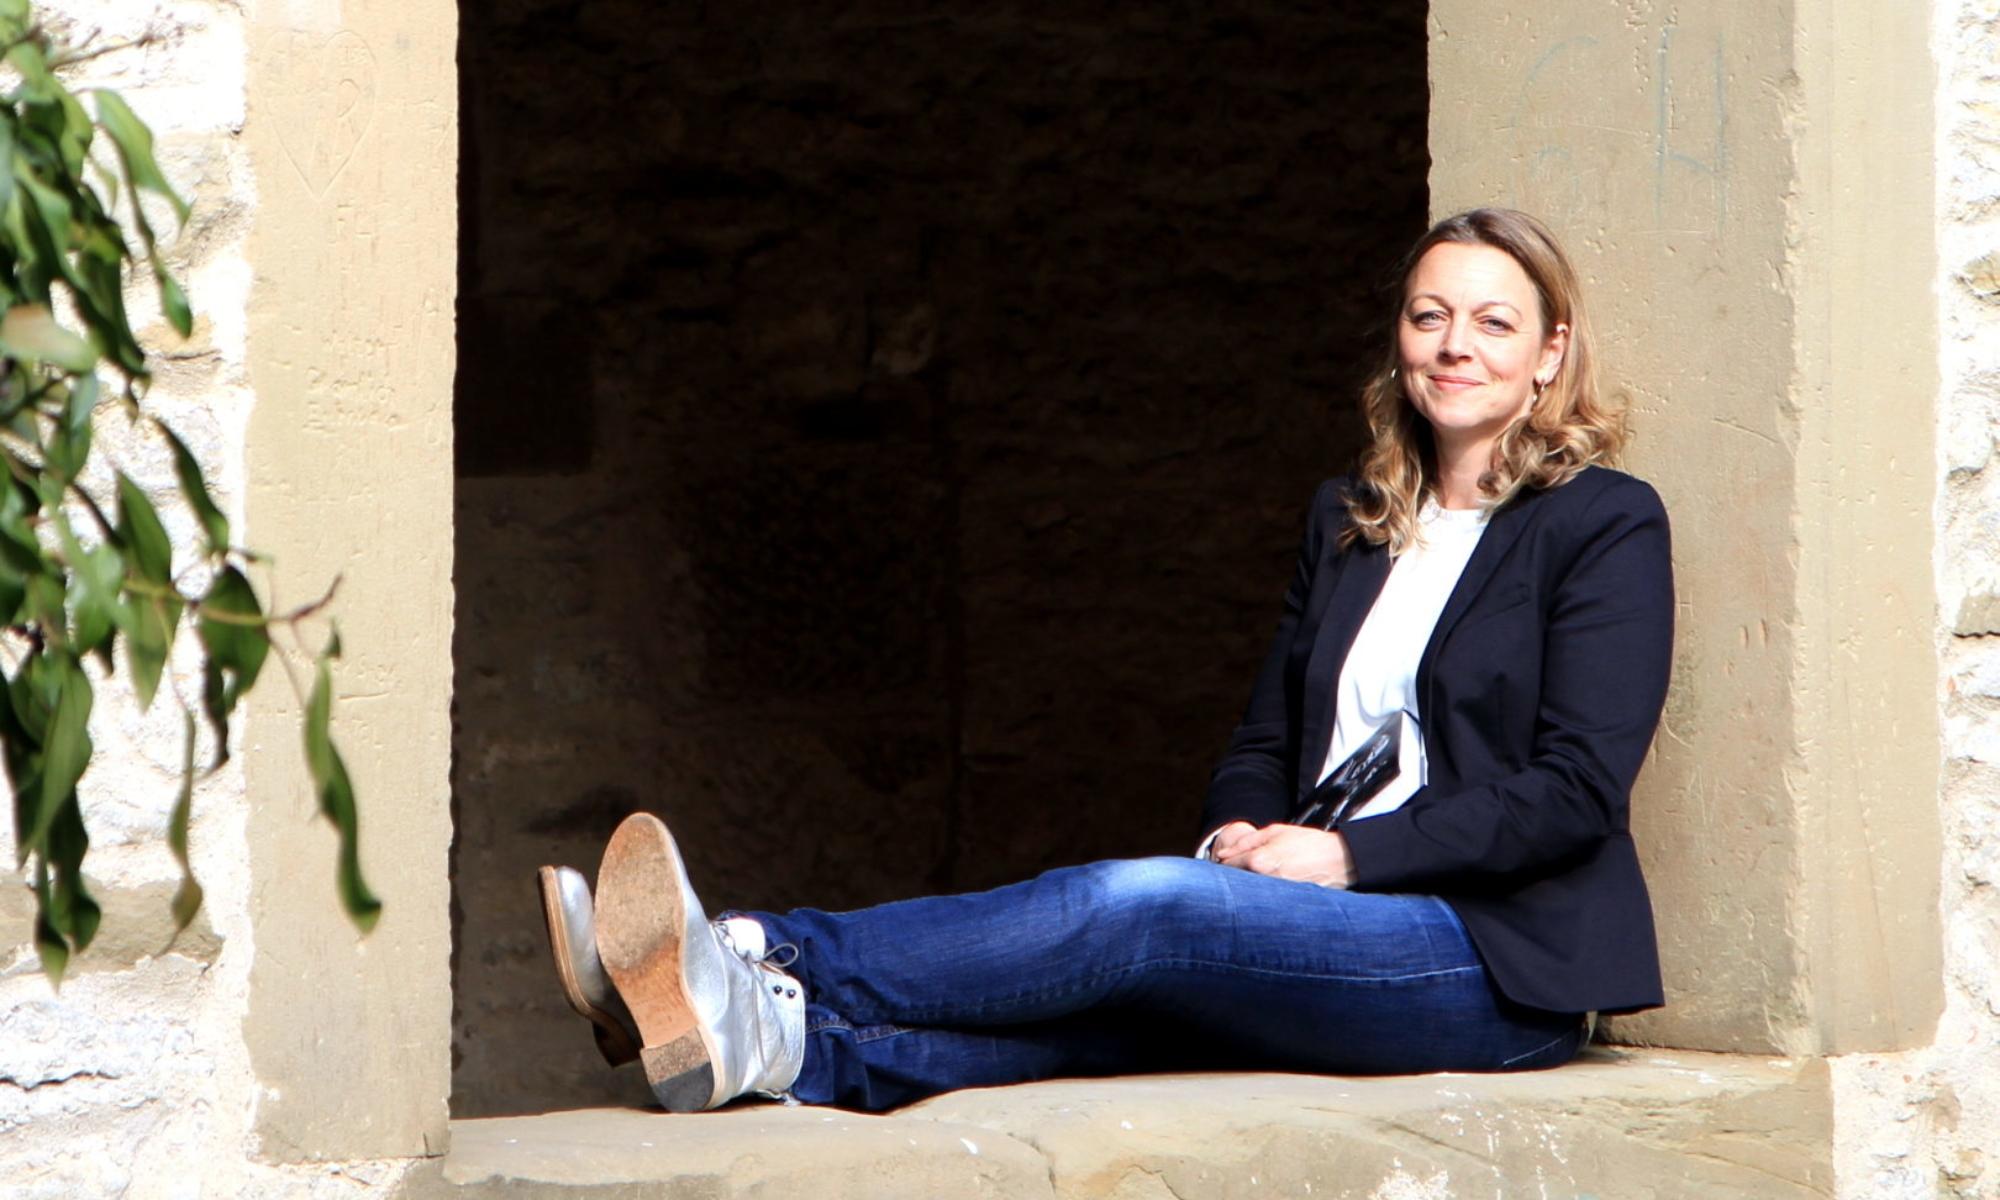 Martina Maria Reichert: Coach, Künstlerin, Friedensaktivistin  - MEINE BÜCHERLISTE